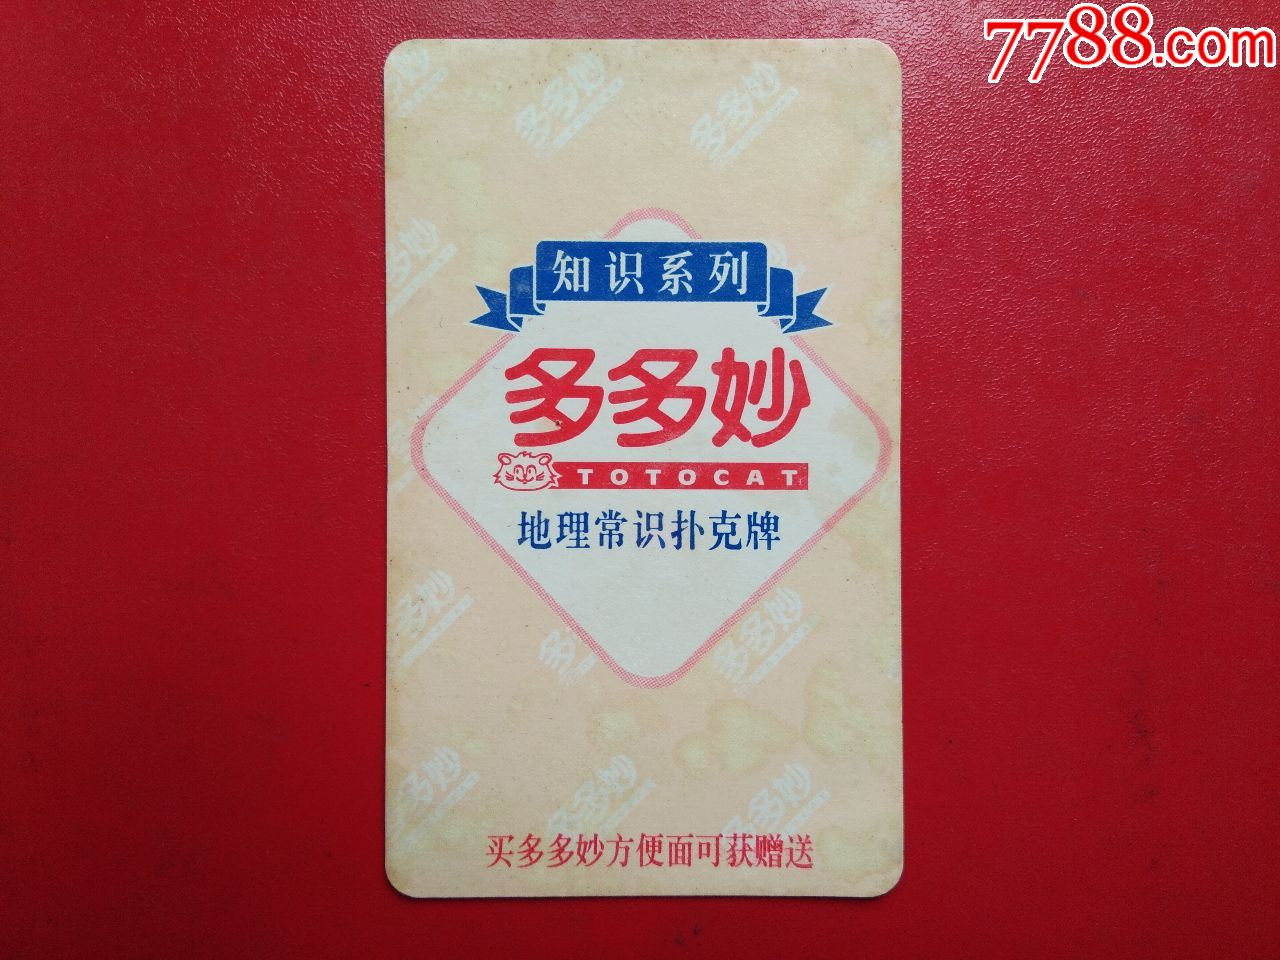 多多妙食品卡----地理常识扑克牌_价格1元_第1张_